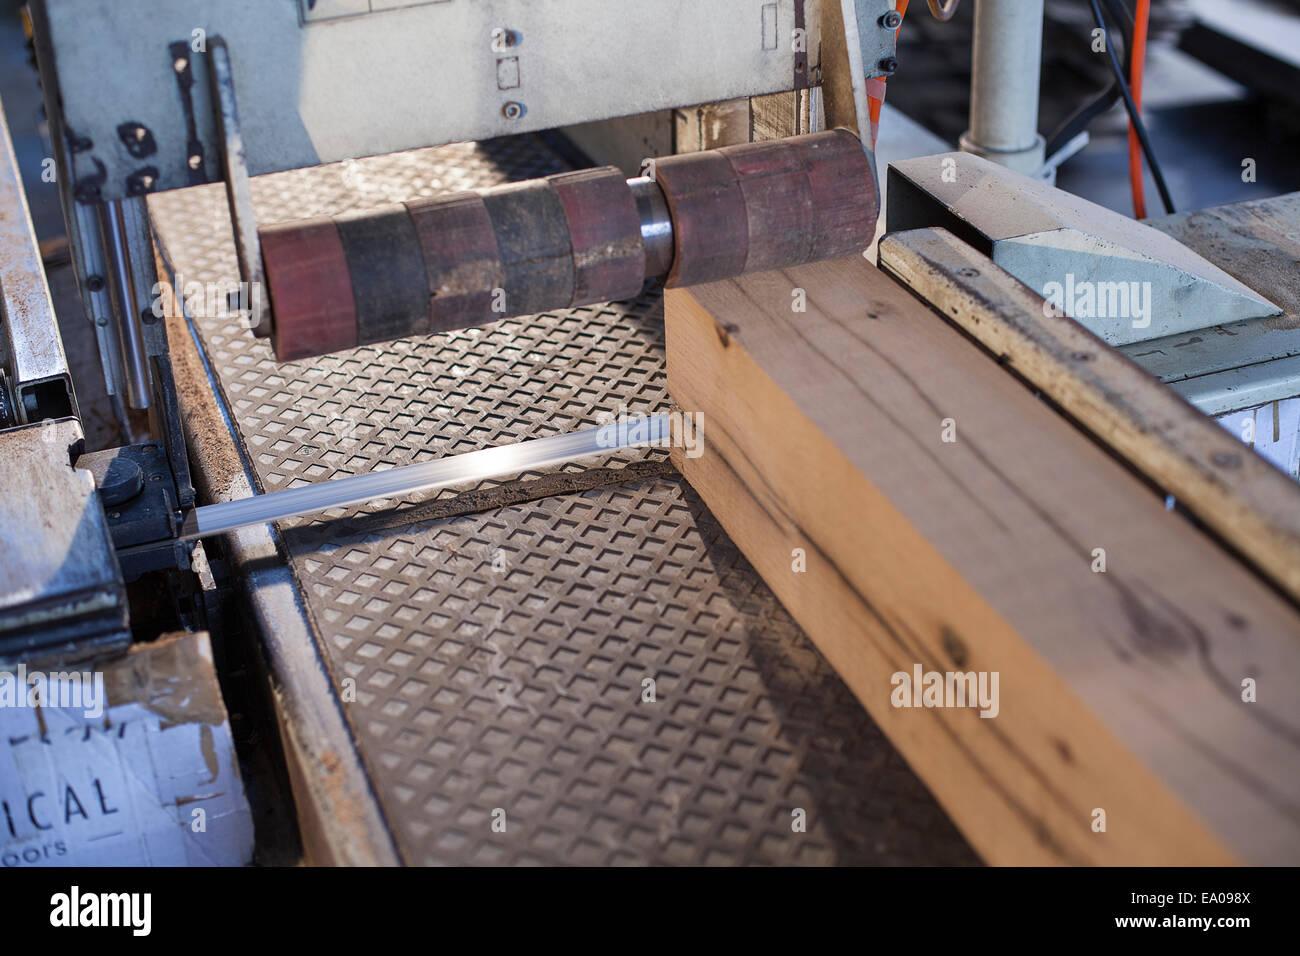 El bloque de madera en el transportador en fábrica, Jiangsu, China Imagen De Stock